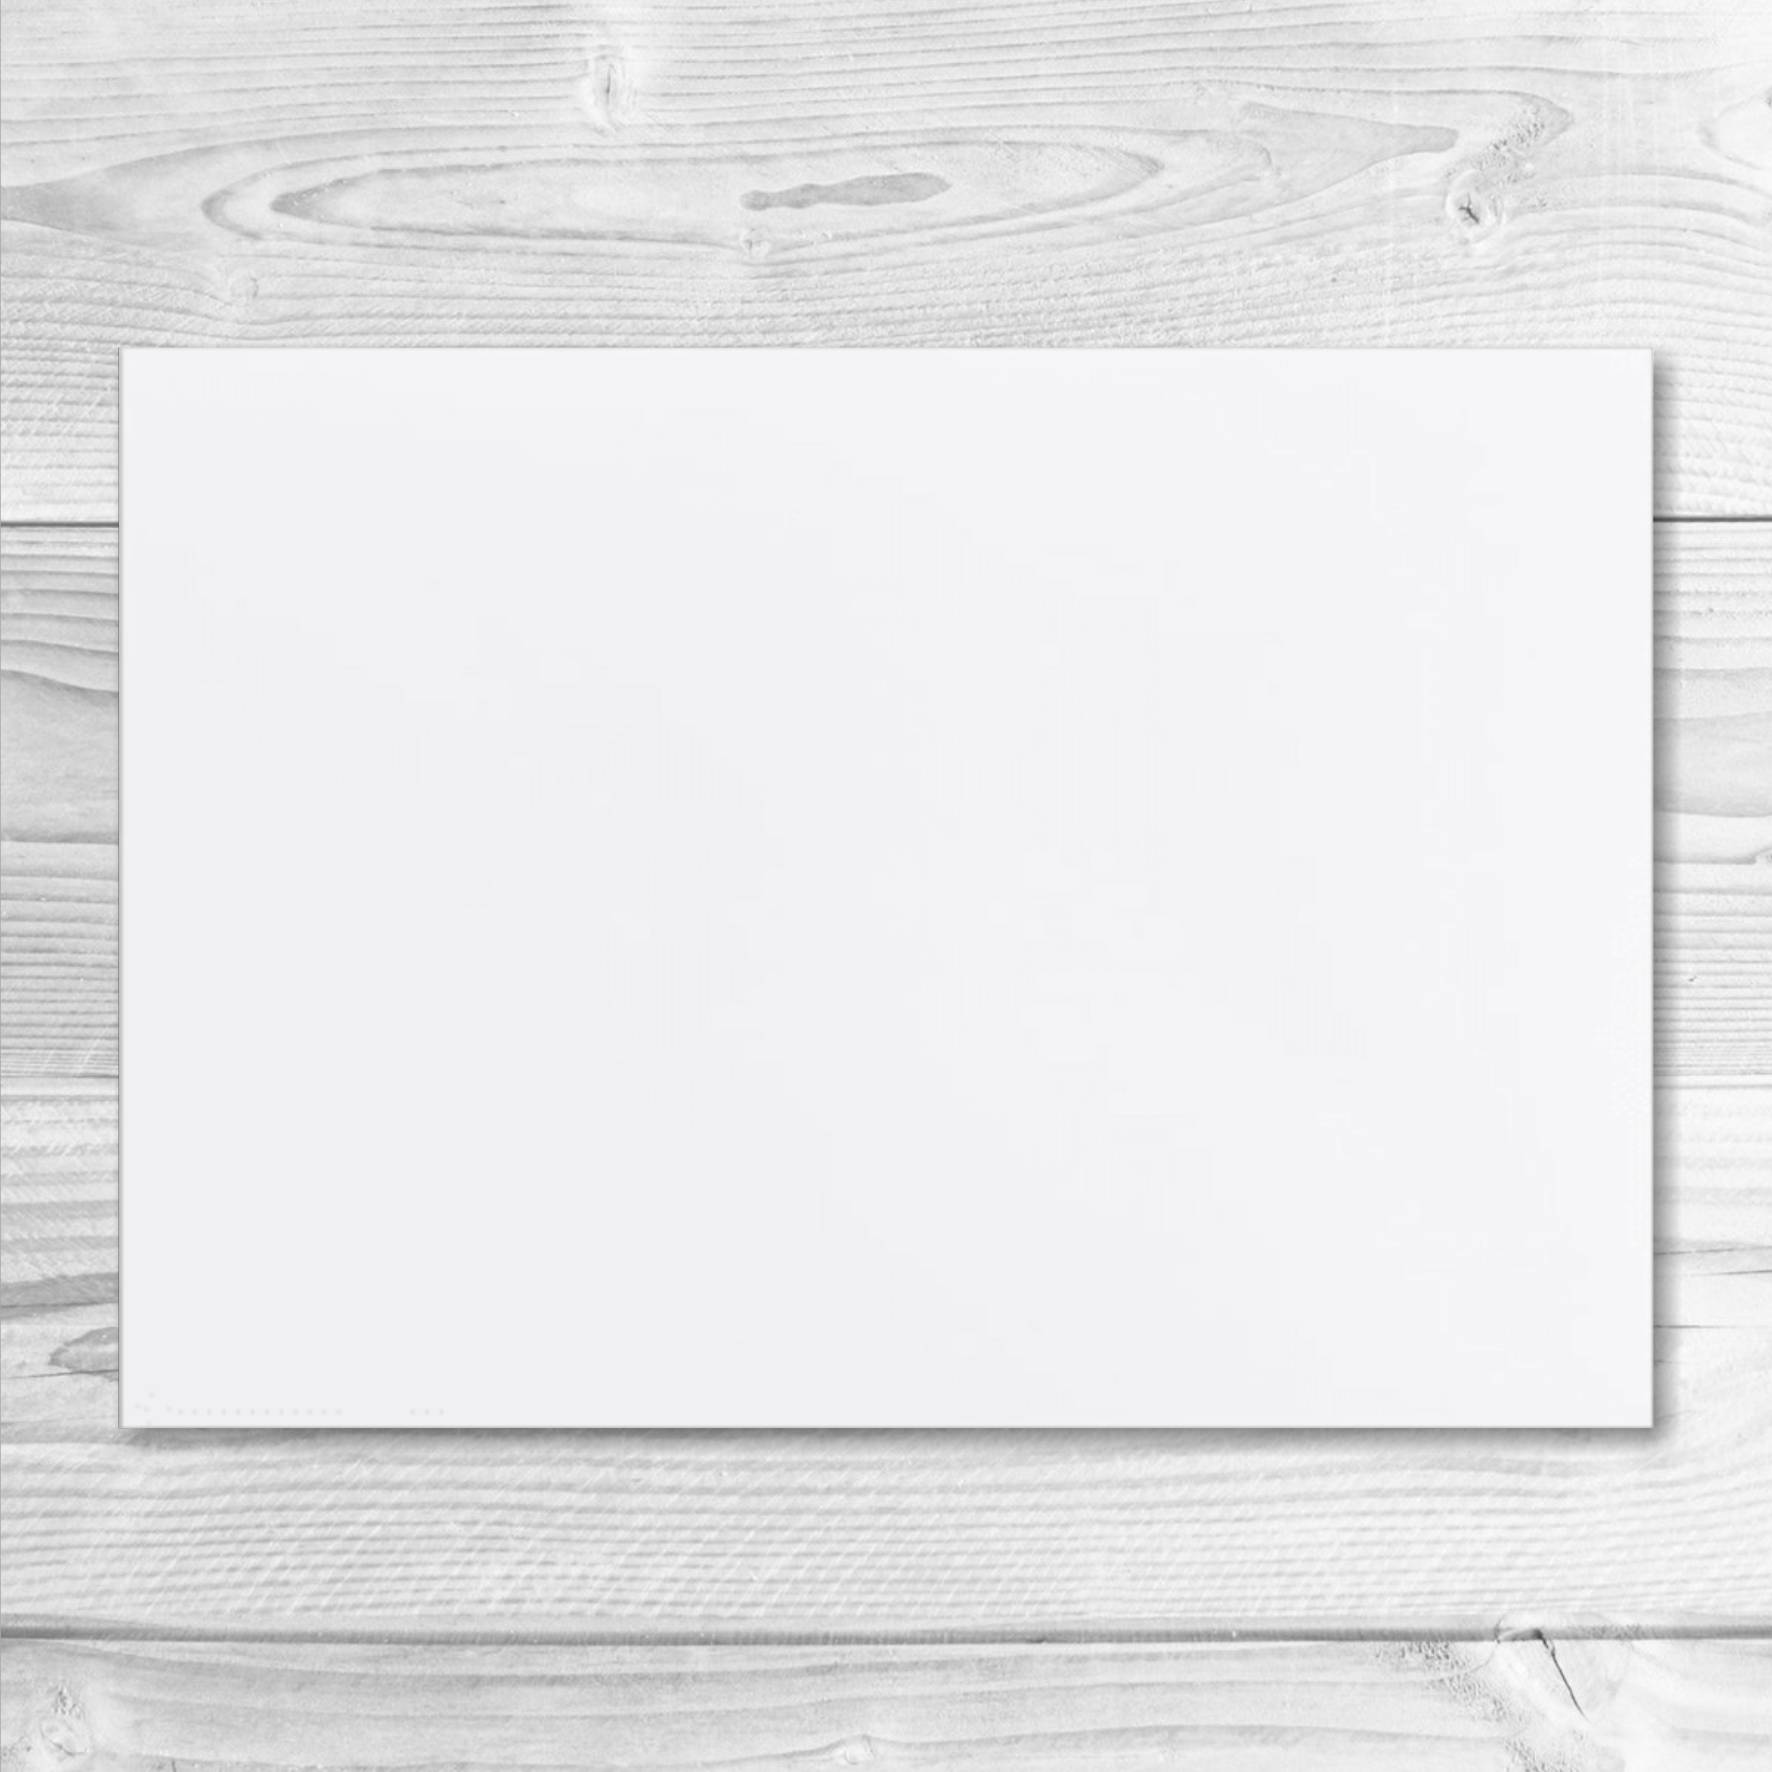 enveloppe blanche 13 x 19 cm